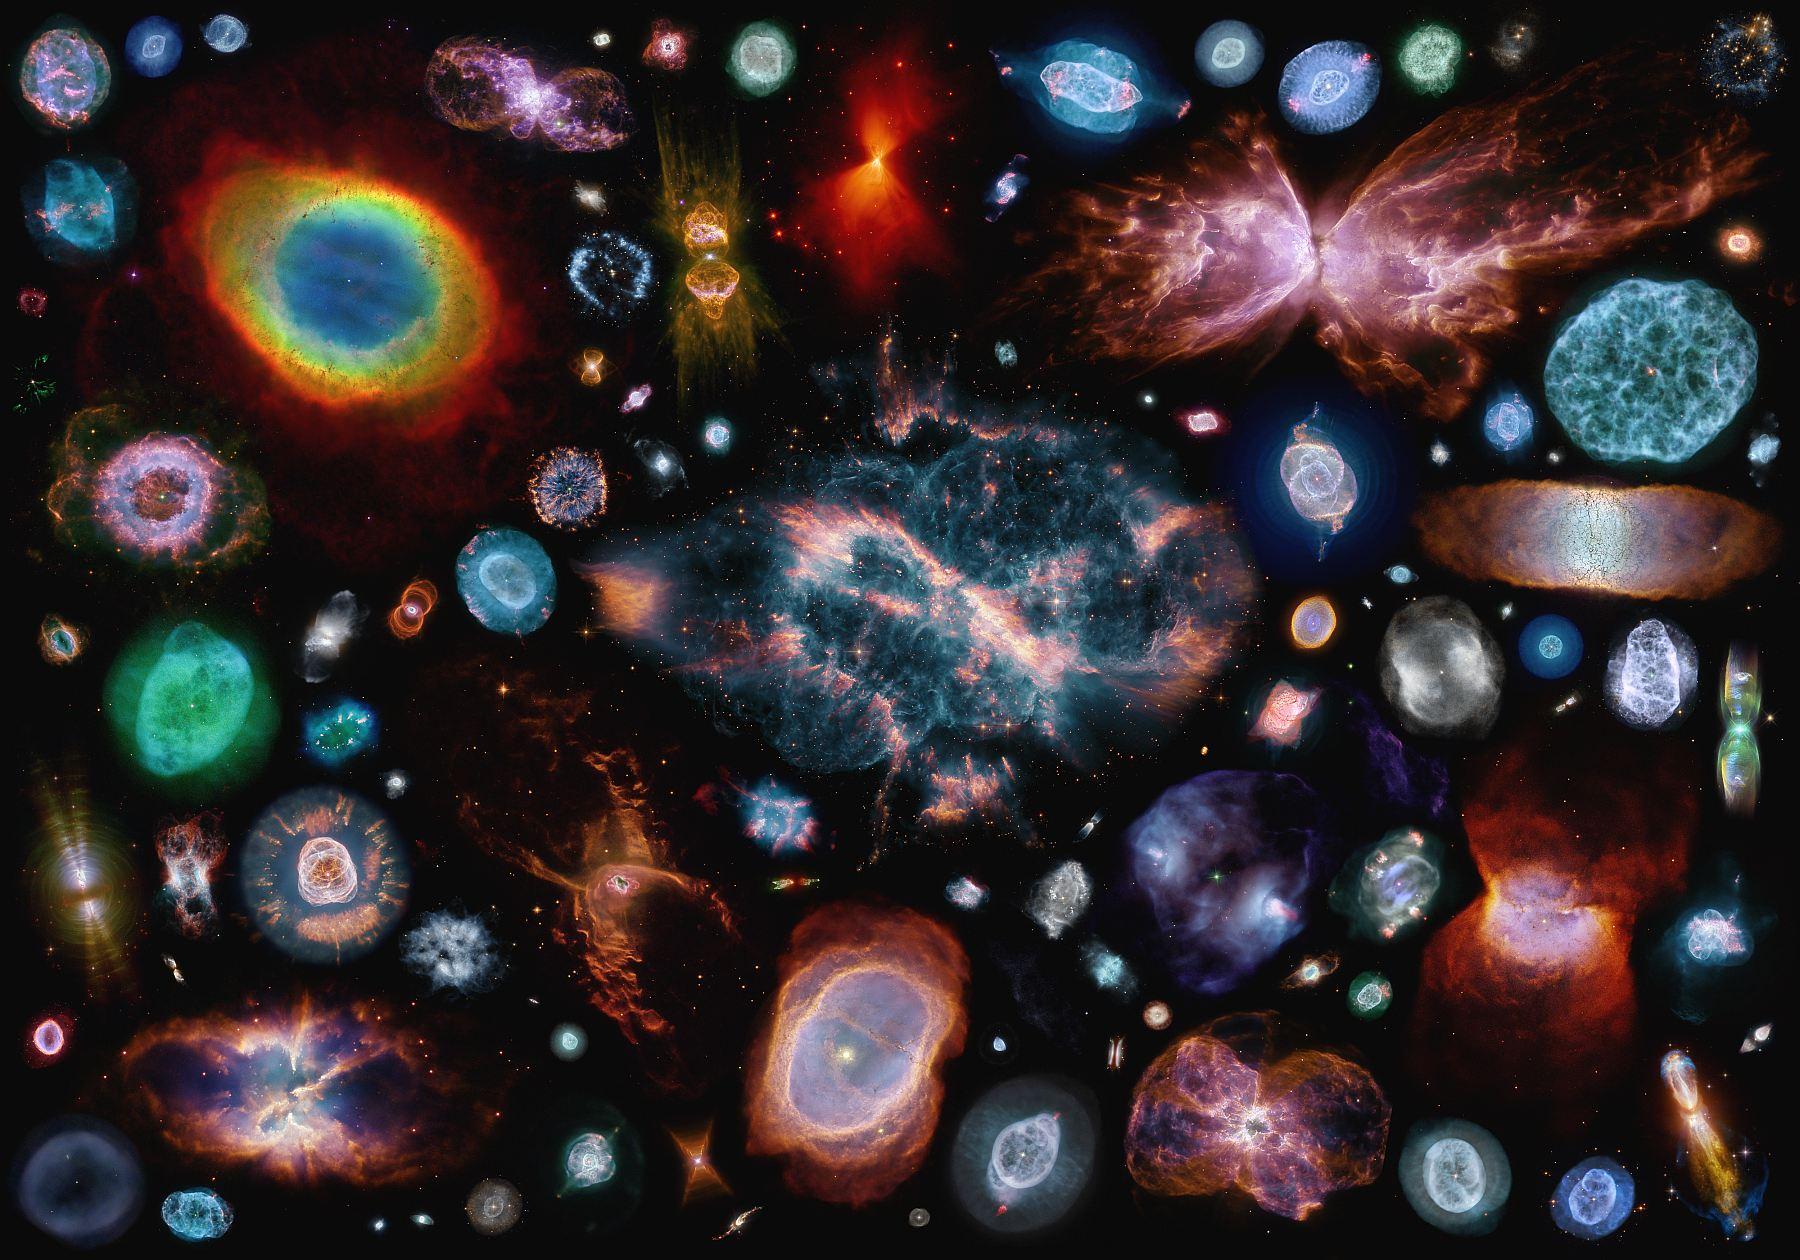 Коллаж из 100 планетарных туманностей, по заверениям автора масштаб соблюден